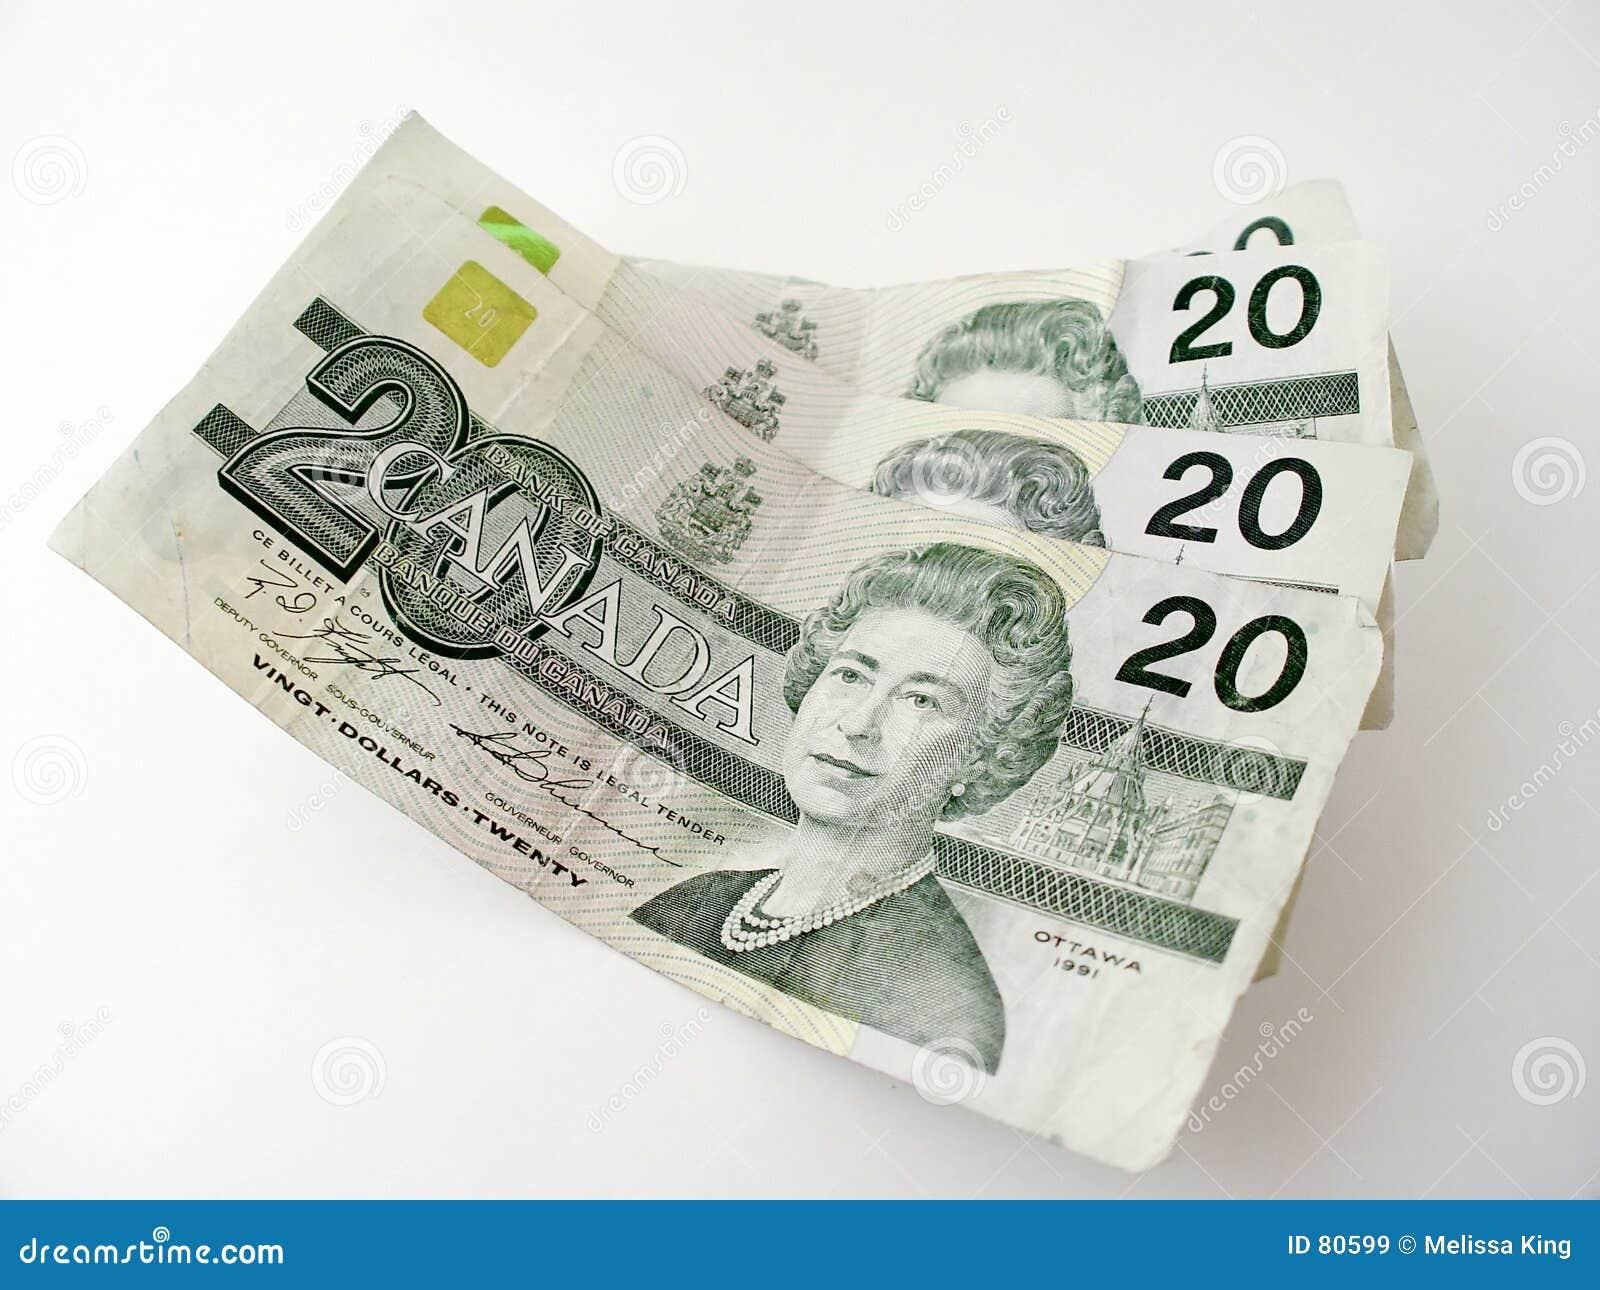 Bill $ 20